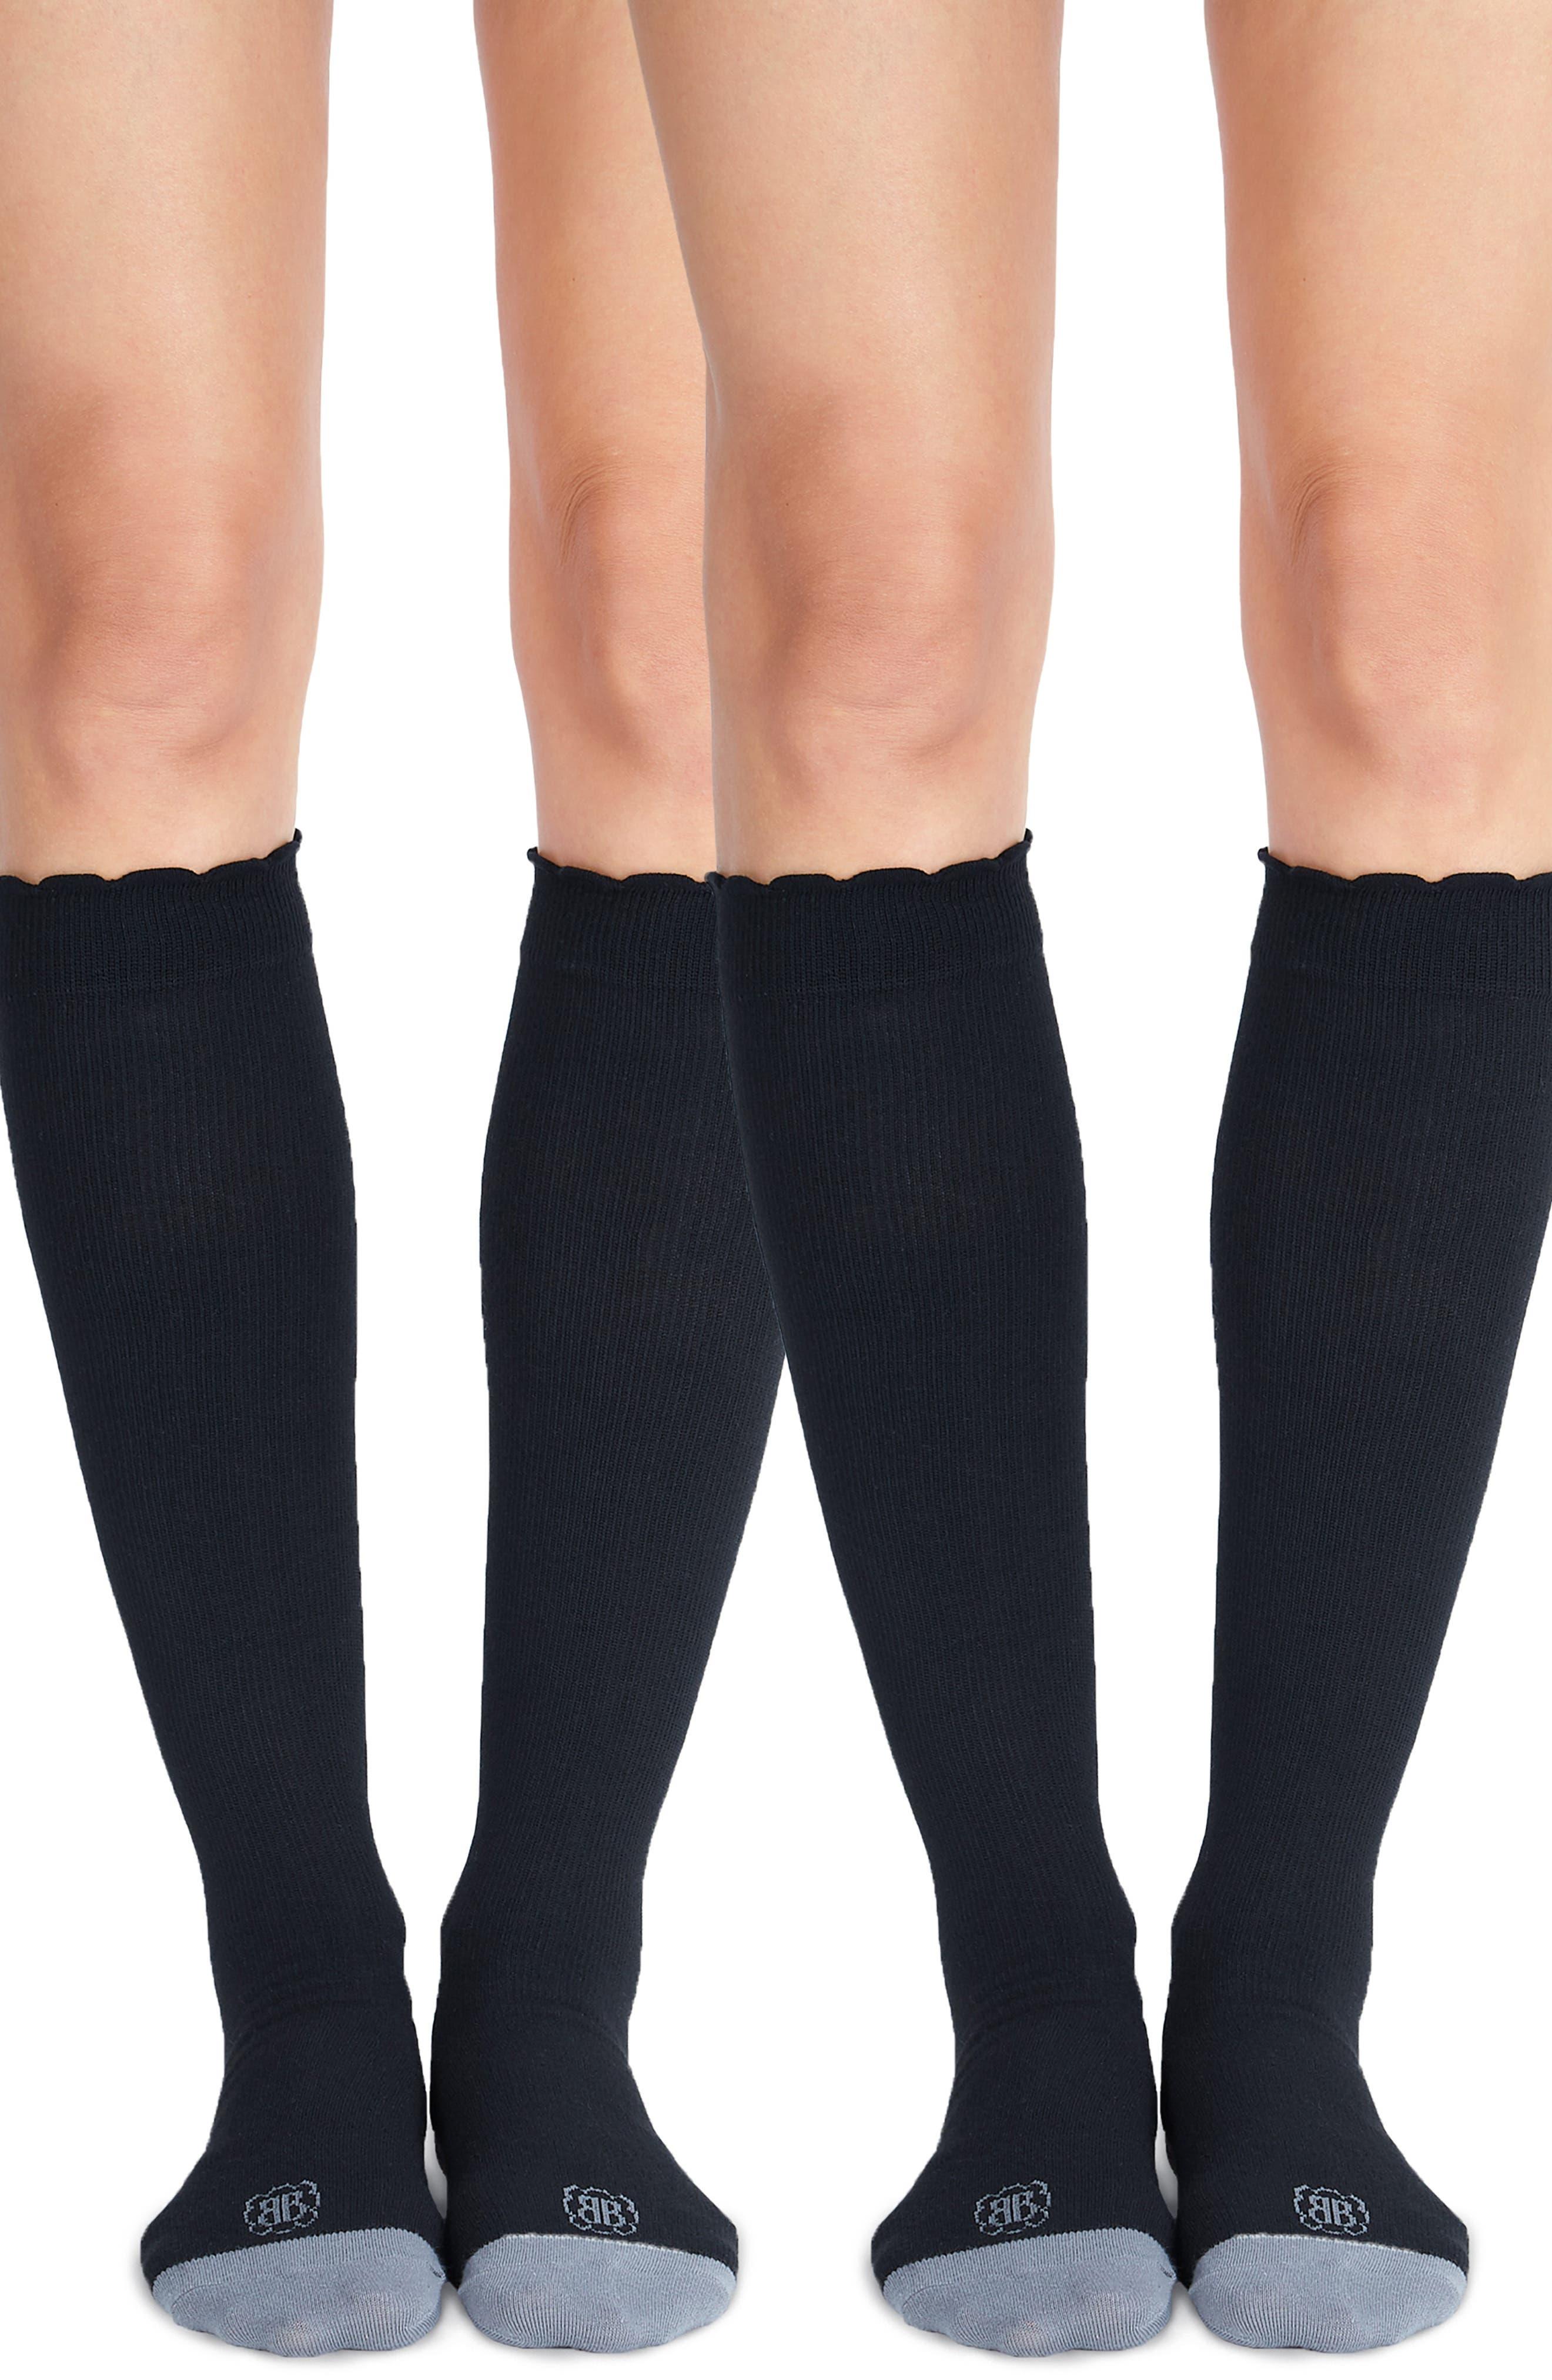 3e63e2f99b5 womens compression socks